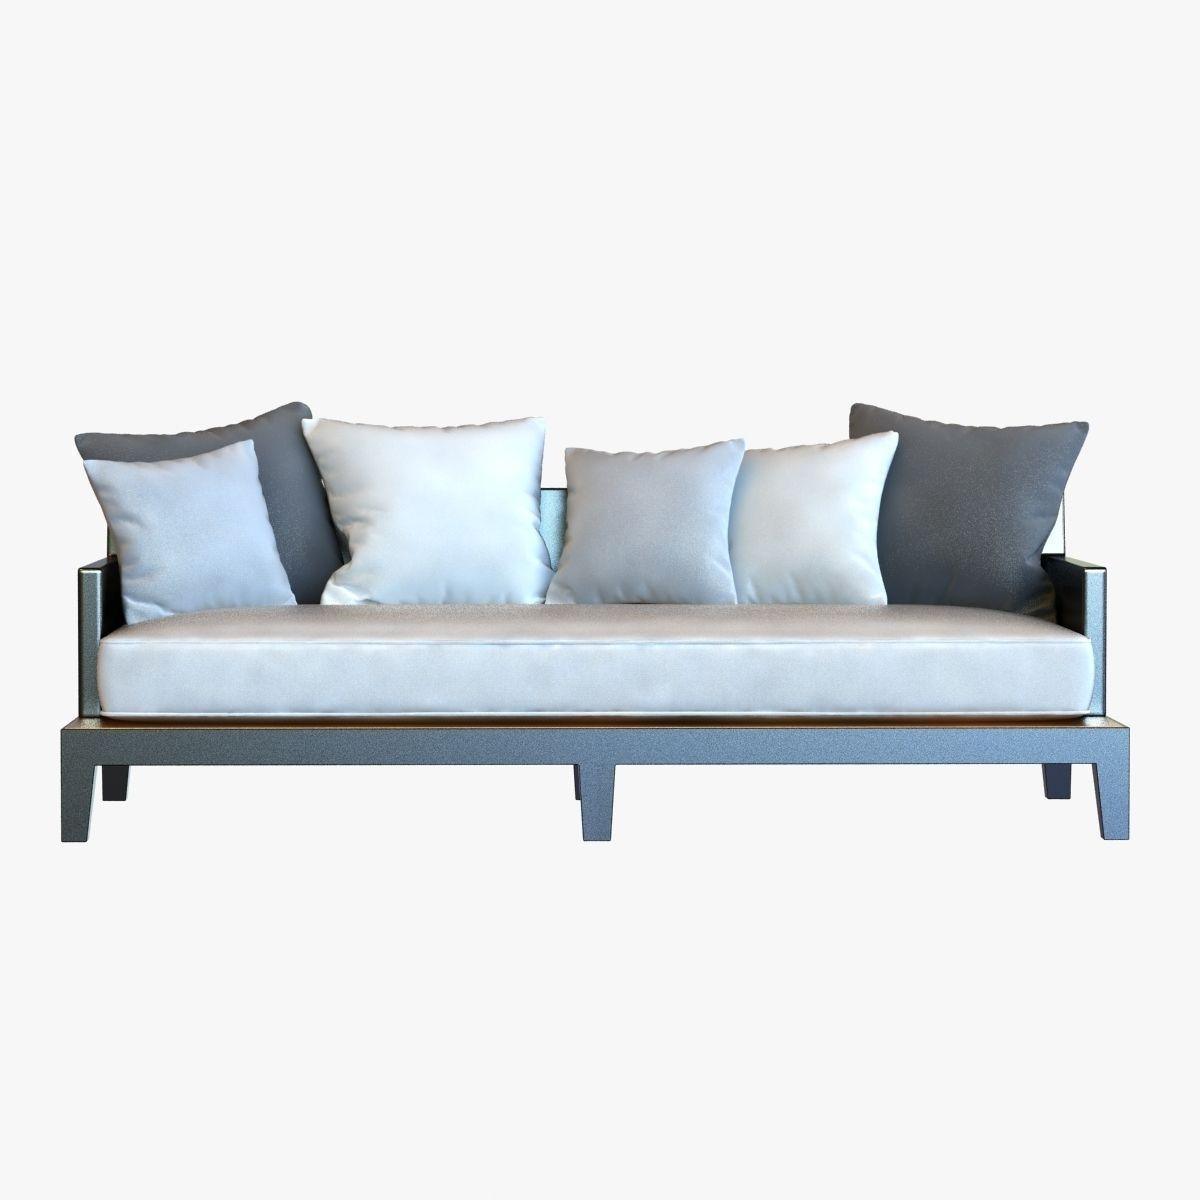 Bon ... Christian Liaigre Sofa For Holly Hunt Opium 3d Model Max Obj Mtl 3ds  Fbx 2 ...